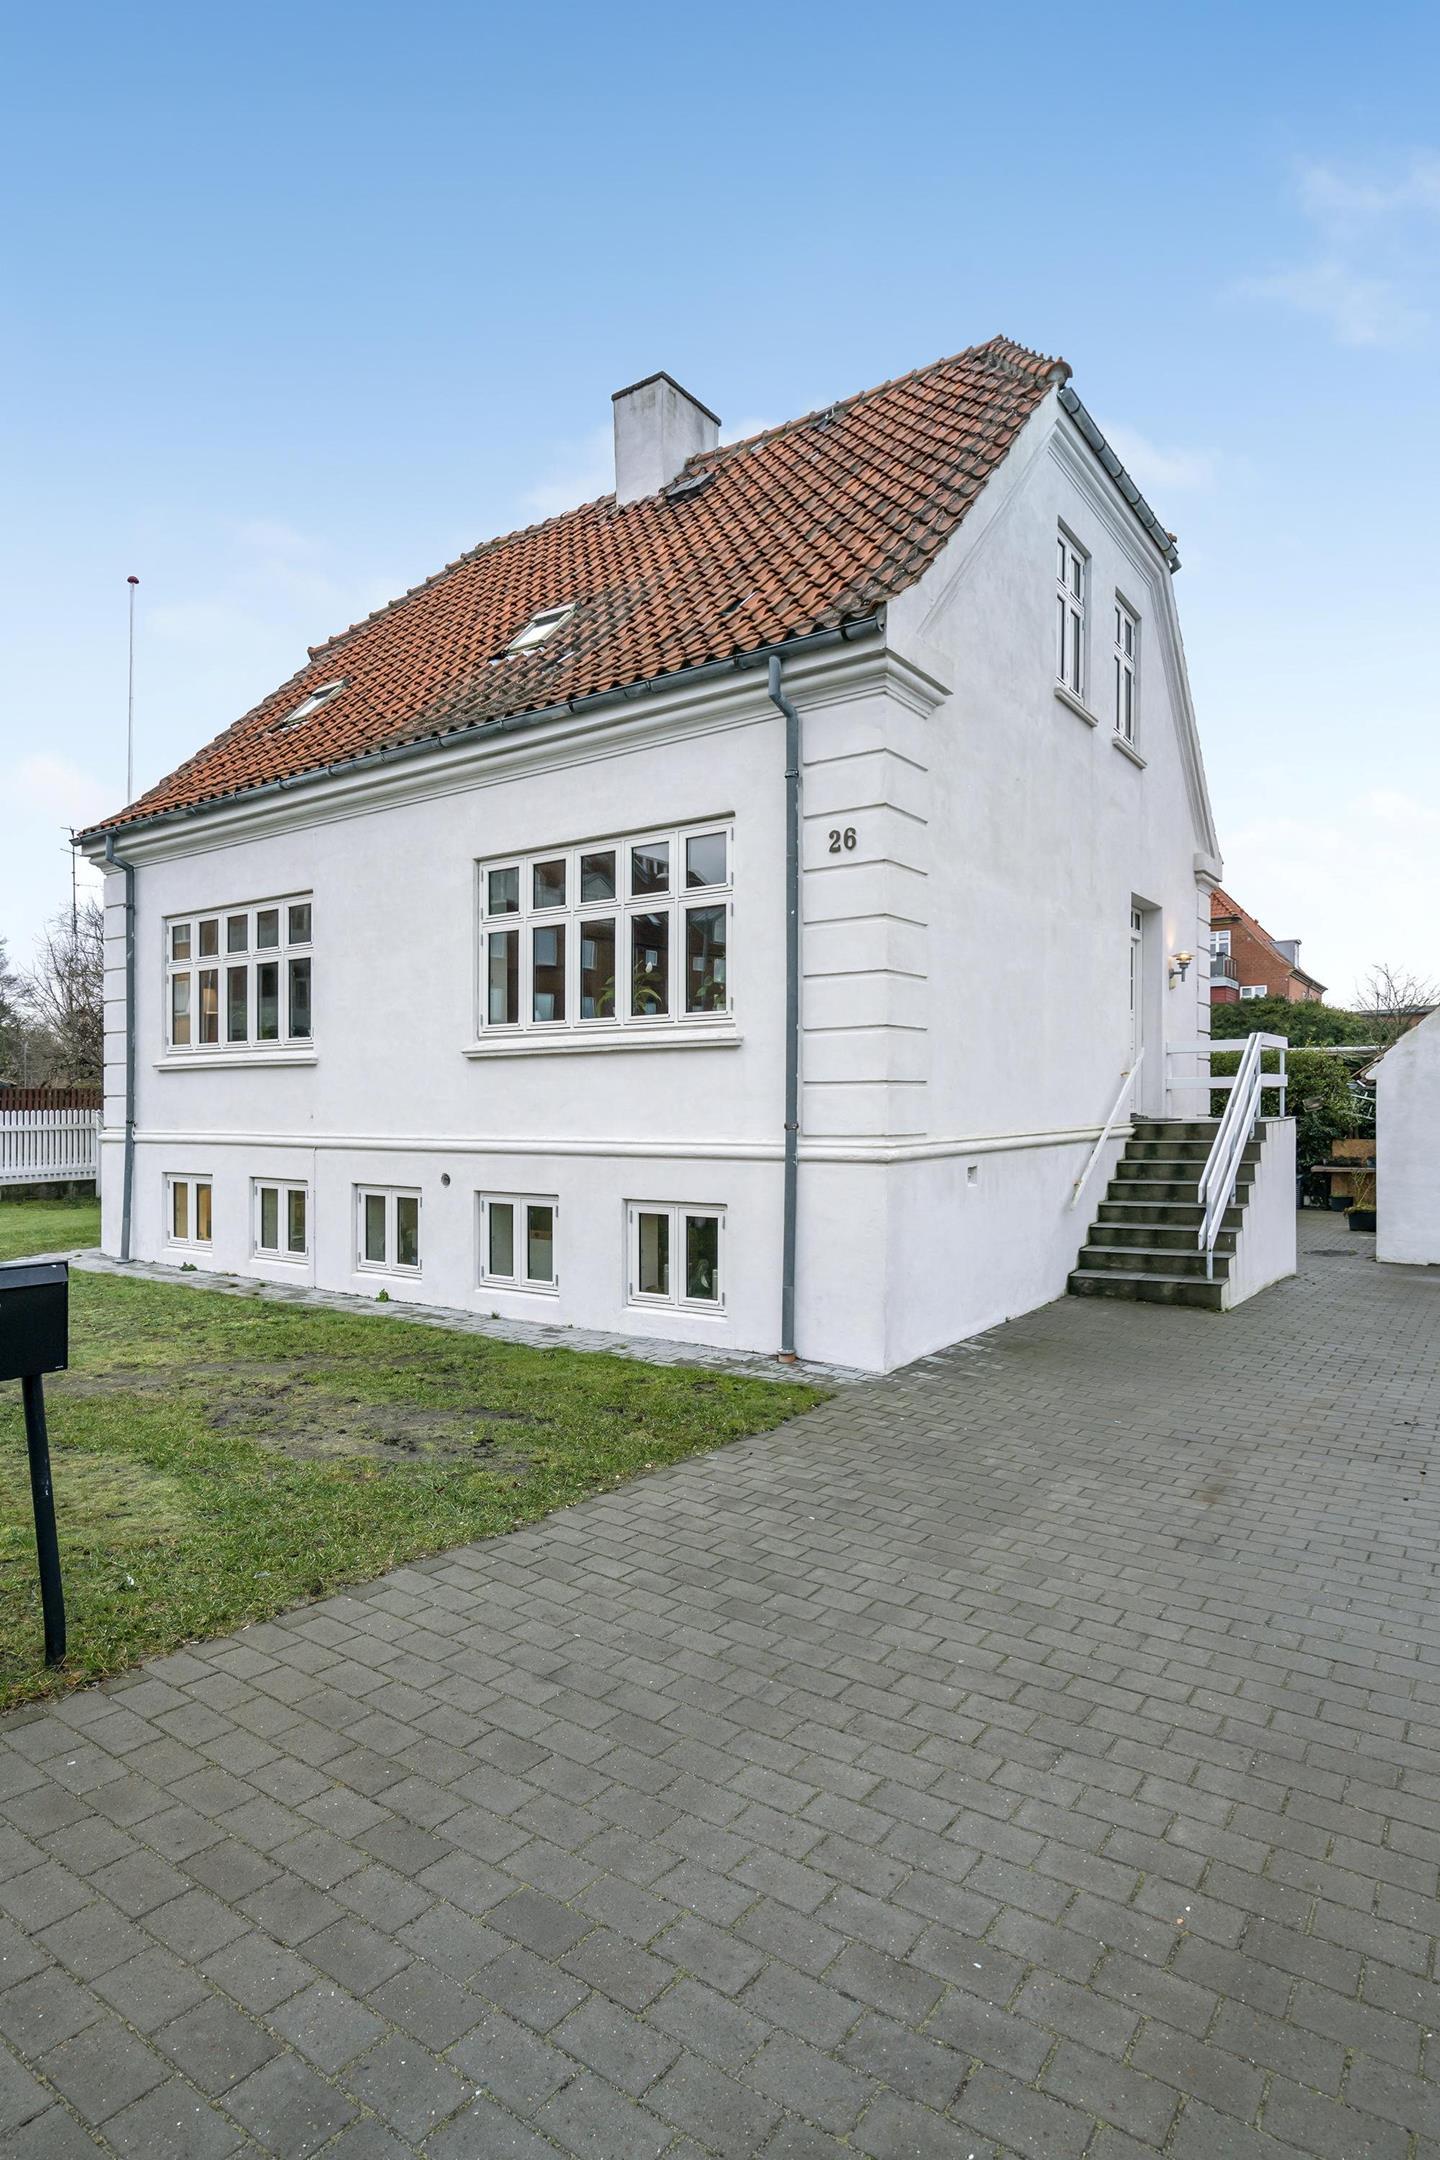 Vibevej 26, 9900 Frederikshavn